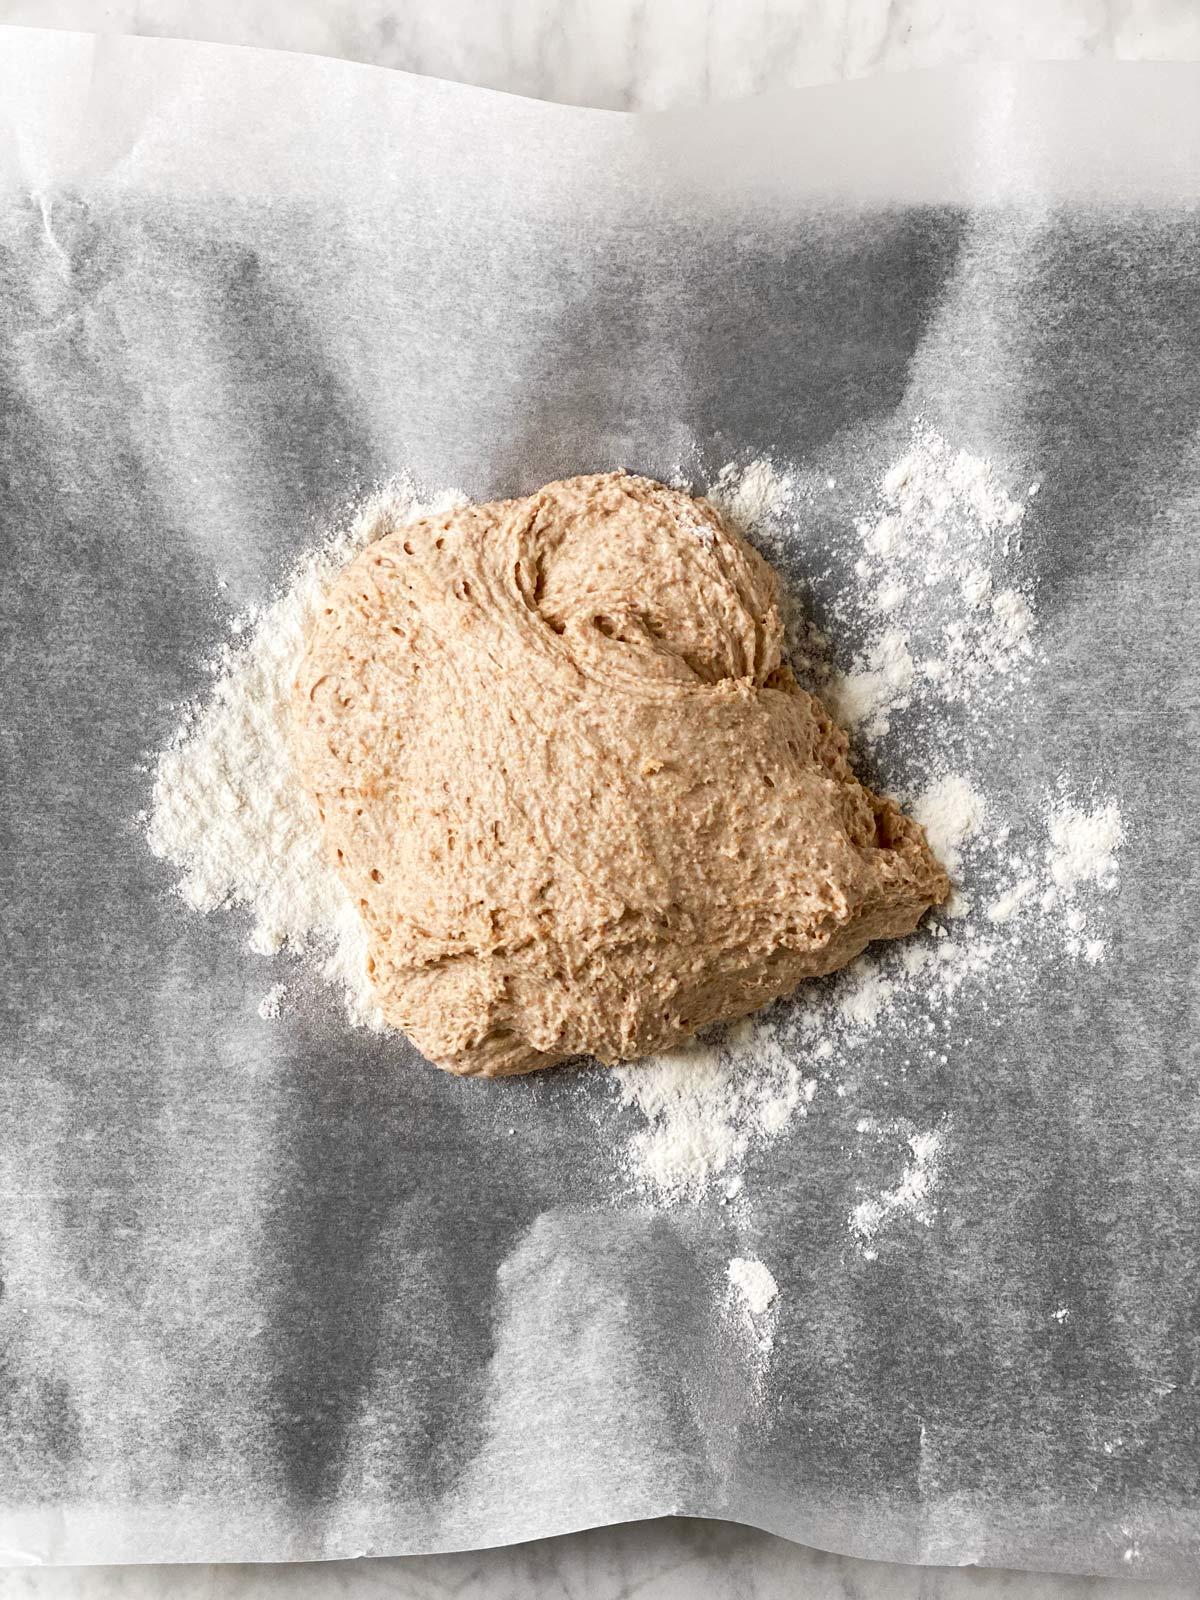 pizza dough on baking parchment